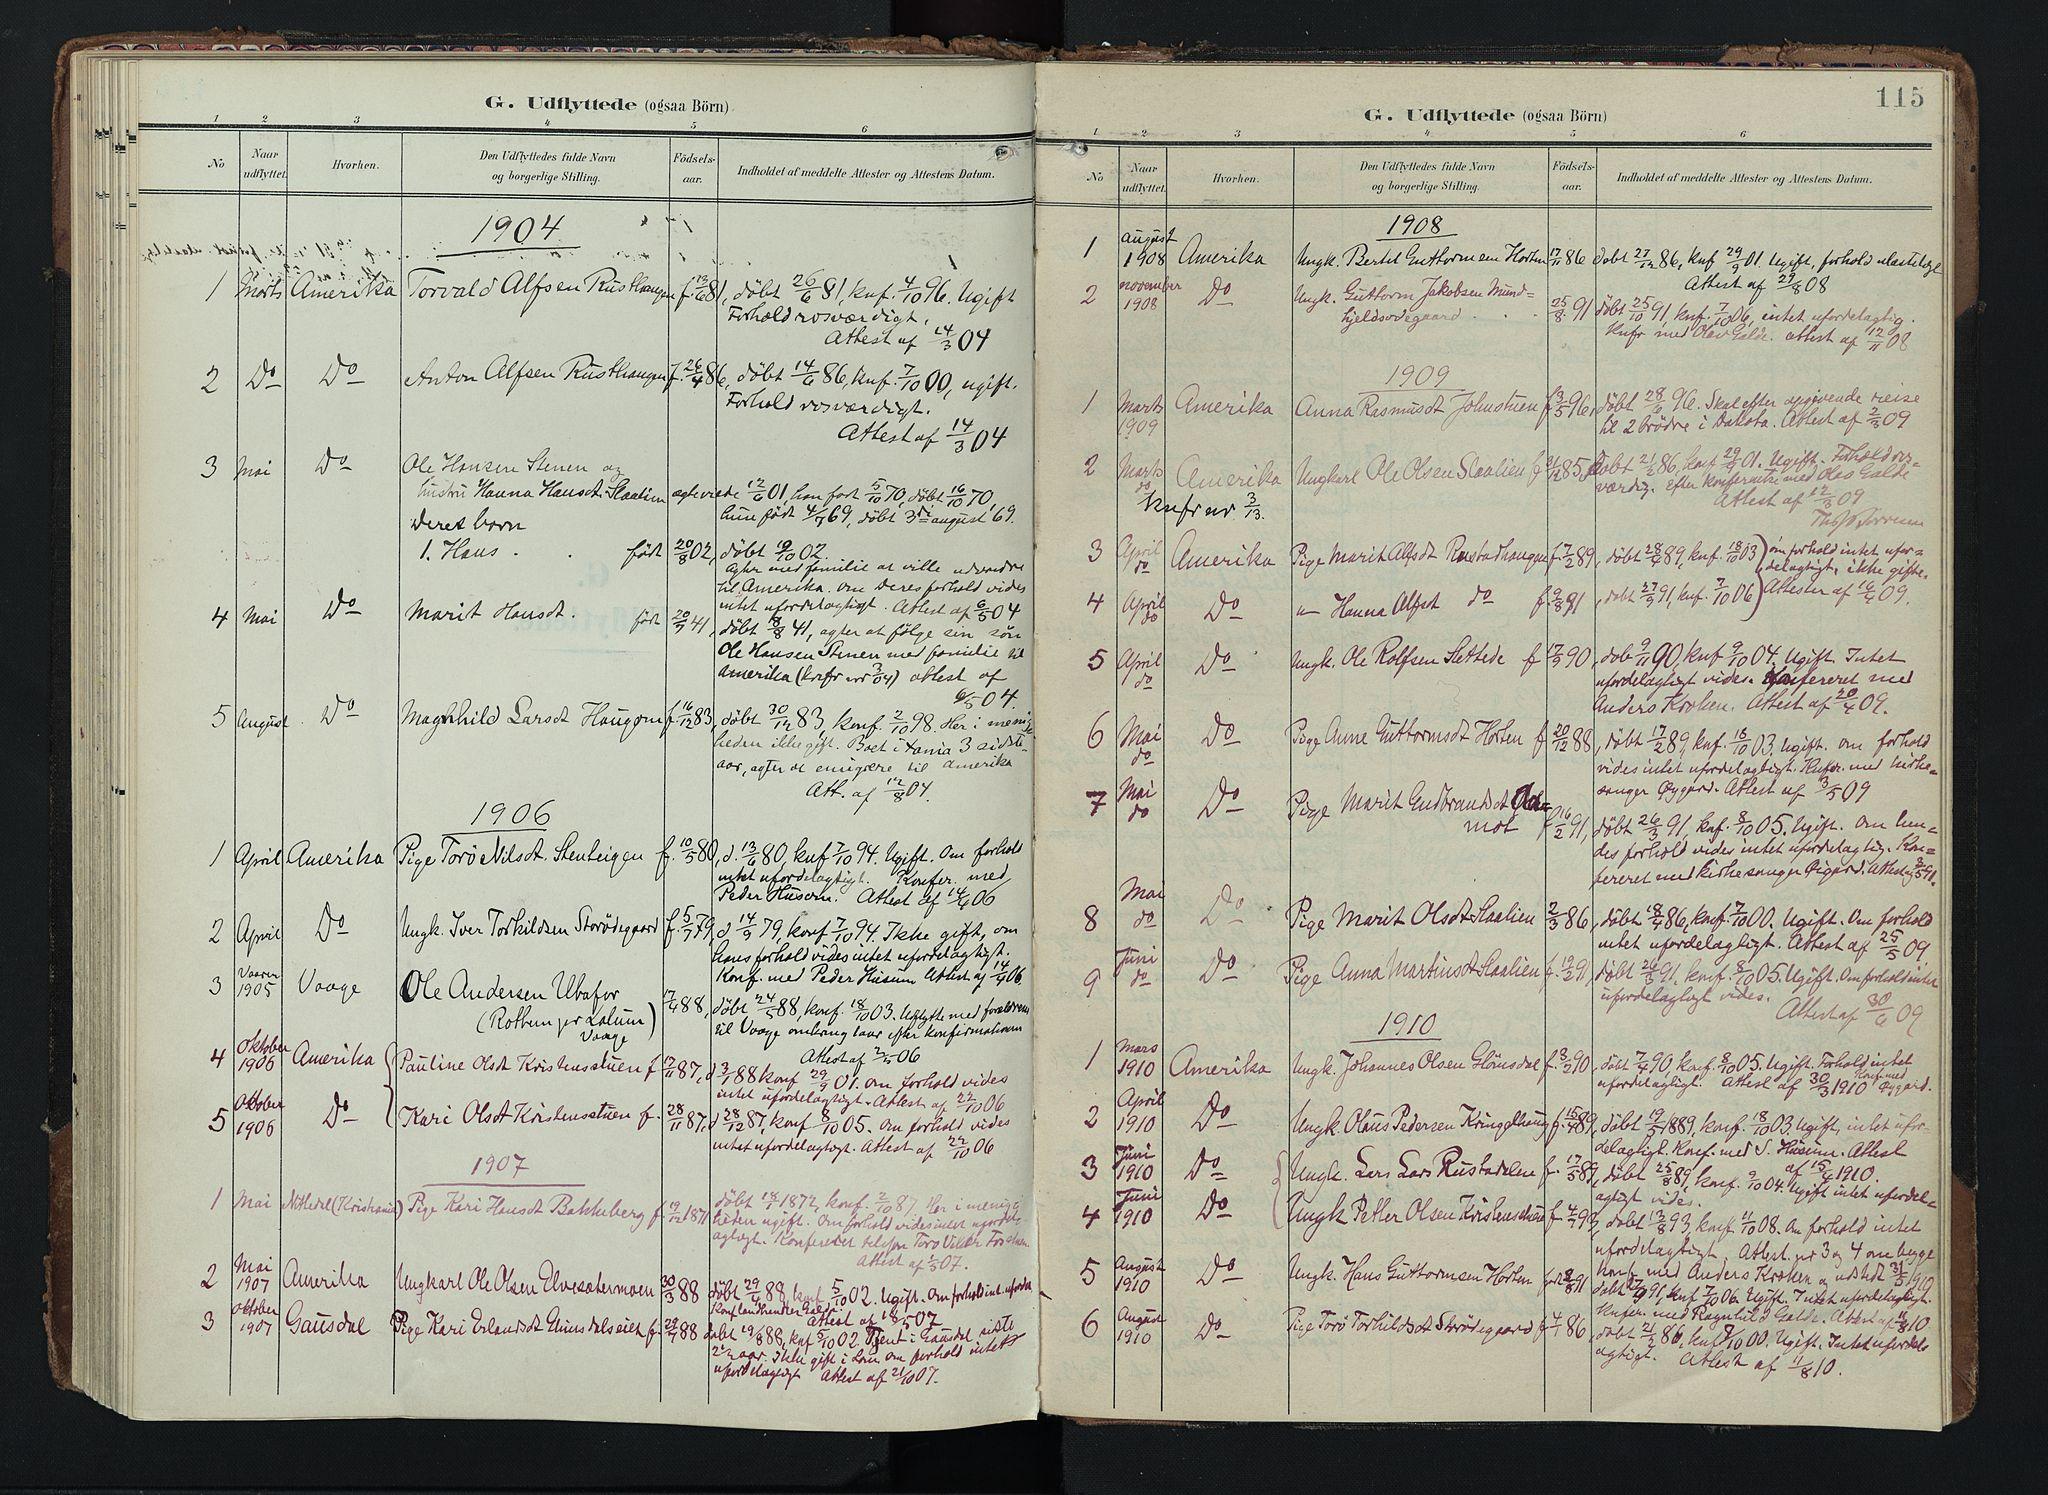 SAH, Lom prestekontor, K/L0012: Ministerialbok nr. 12, 1904-1928, s. 115